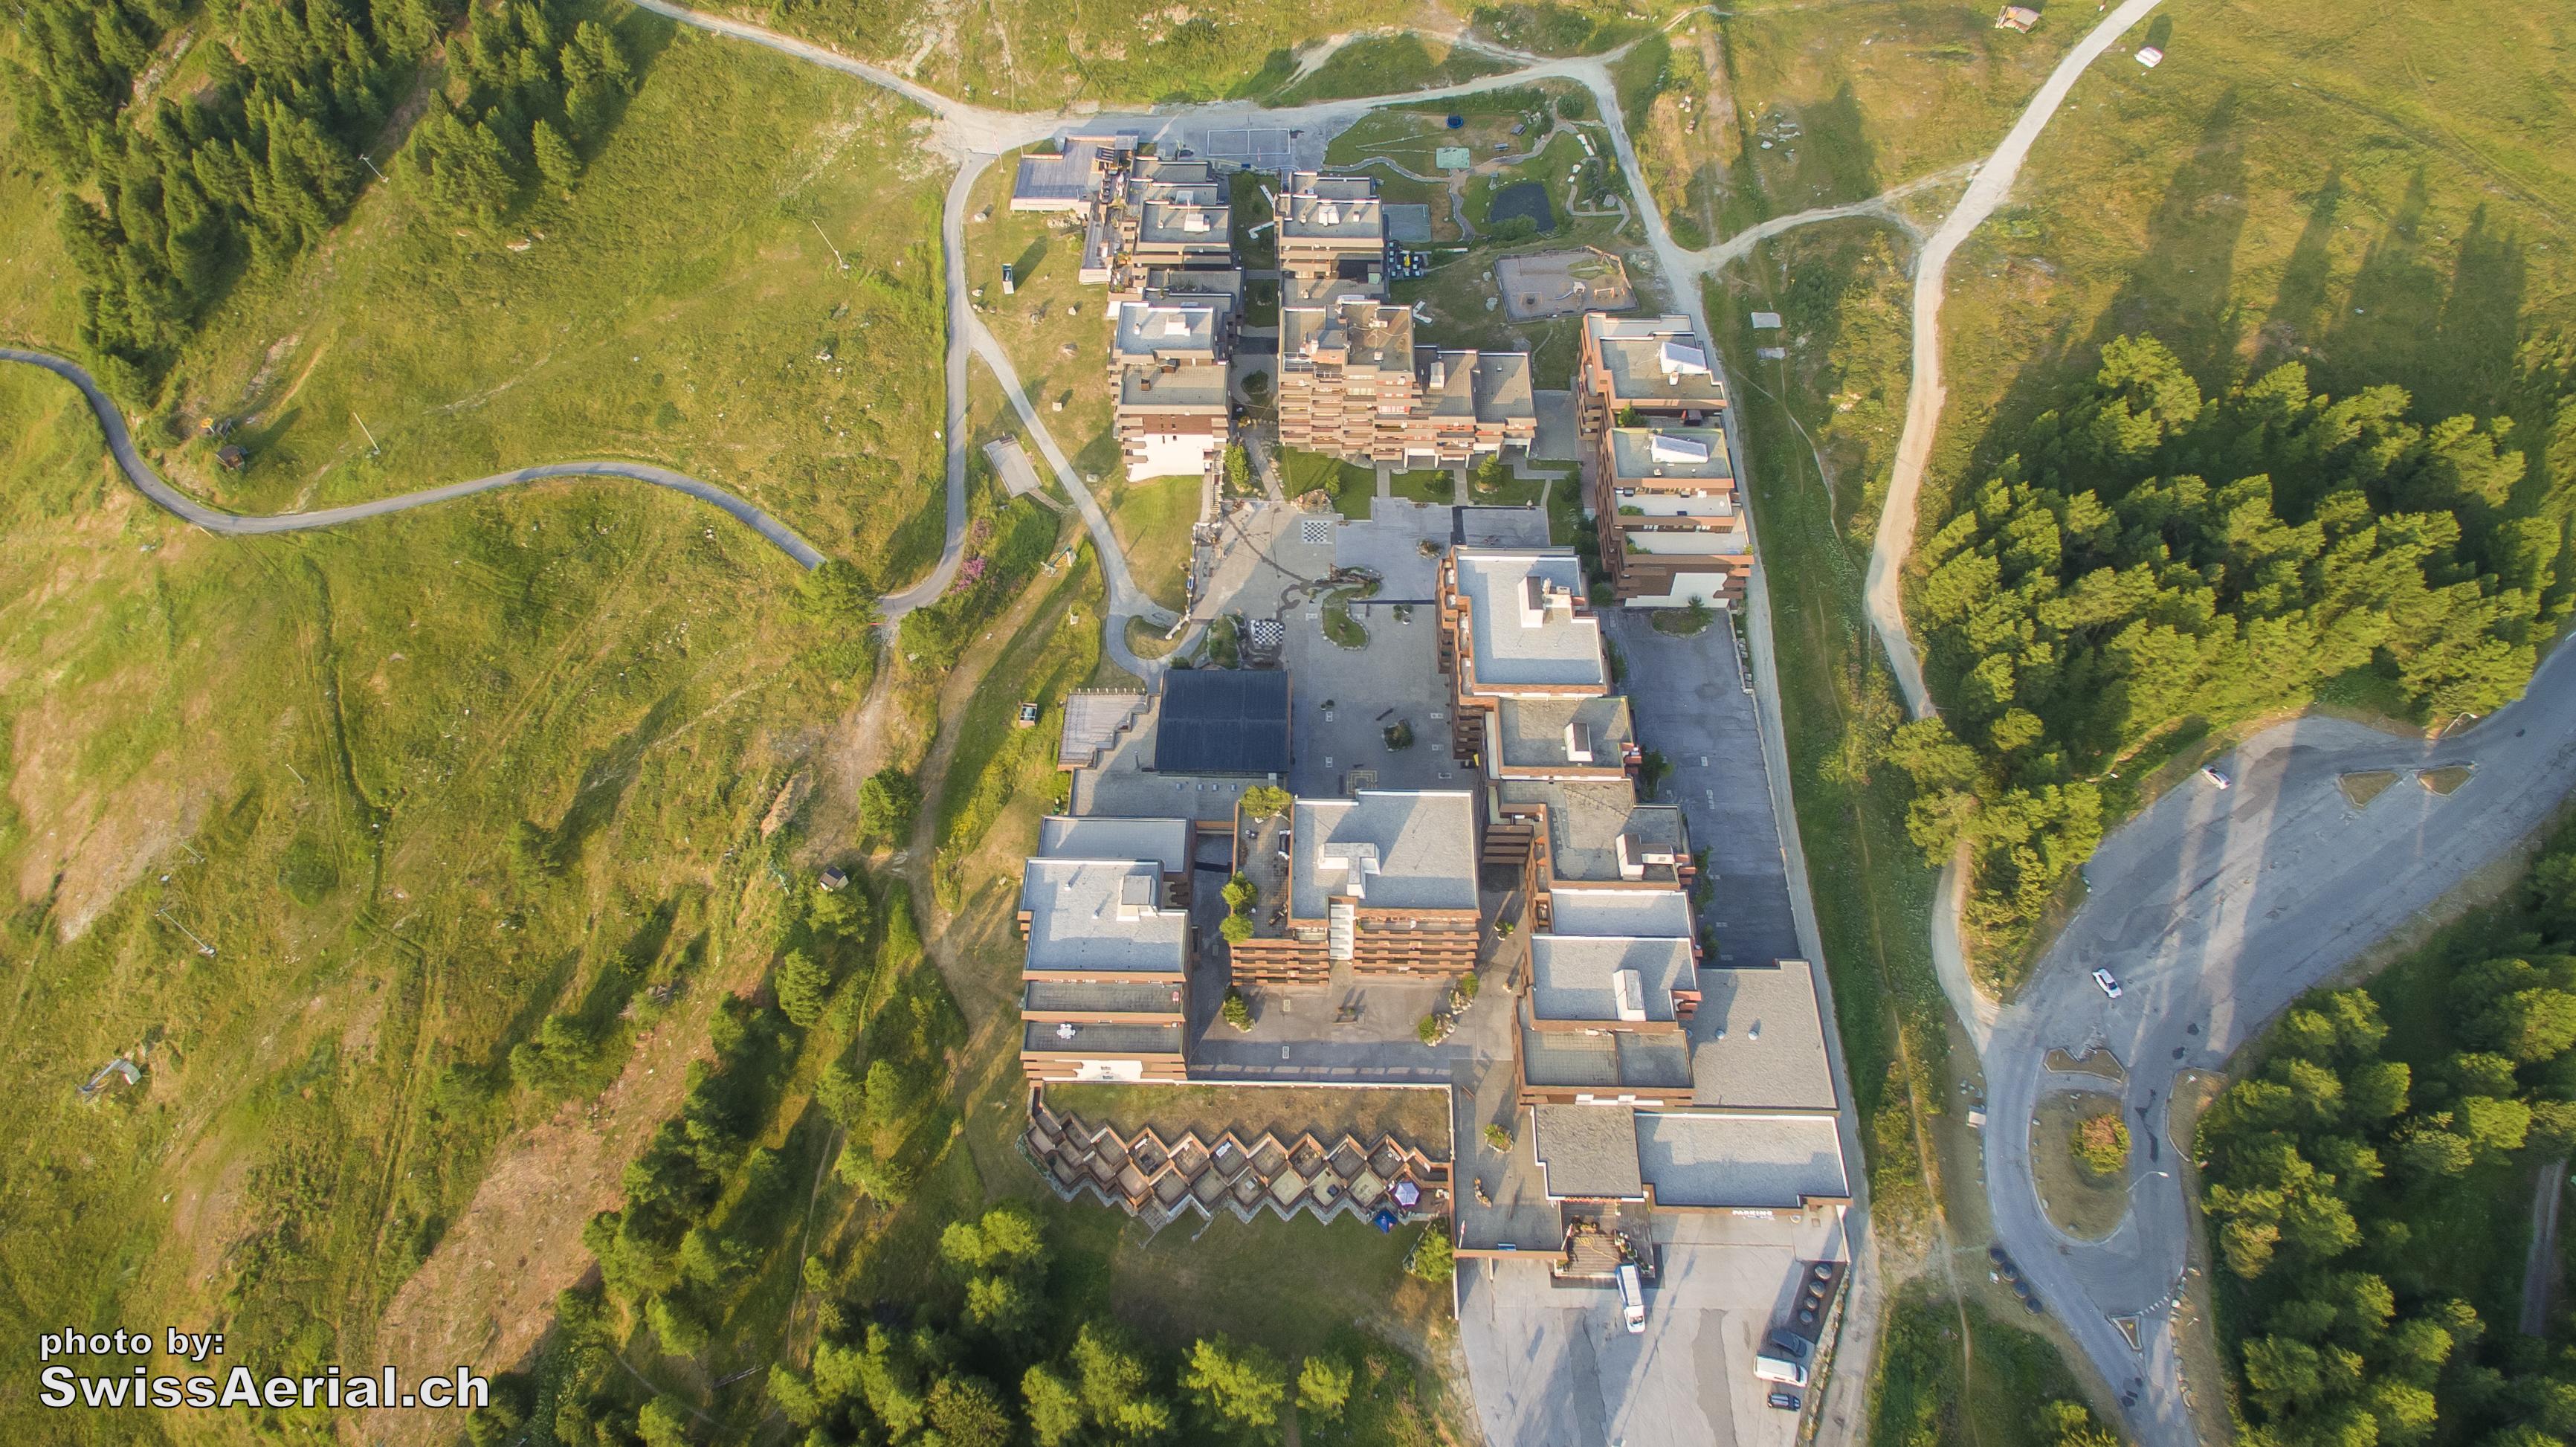 Thyon 2000 by www.swissaerial.ch